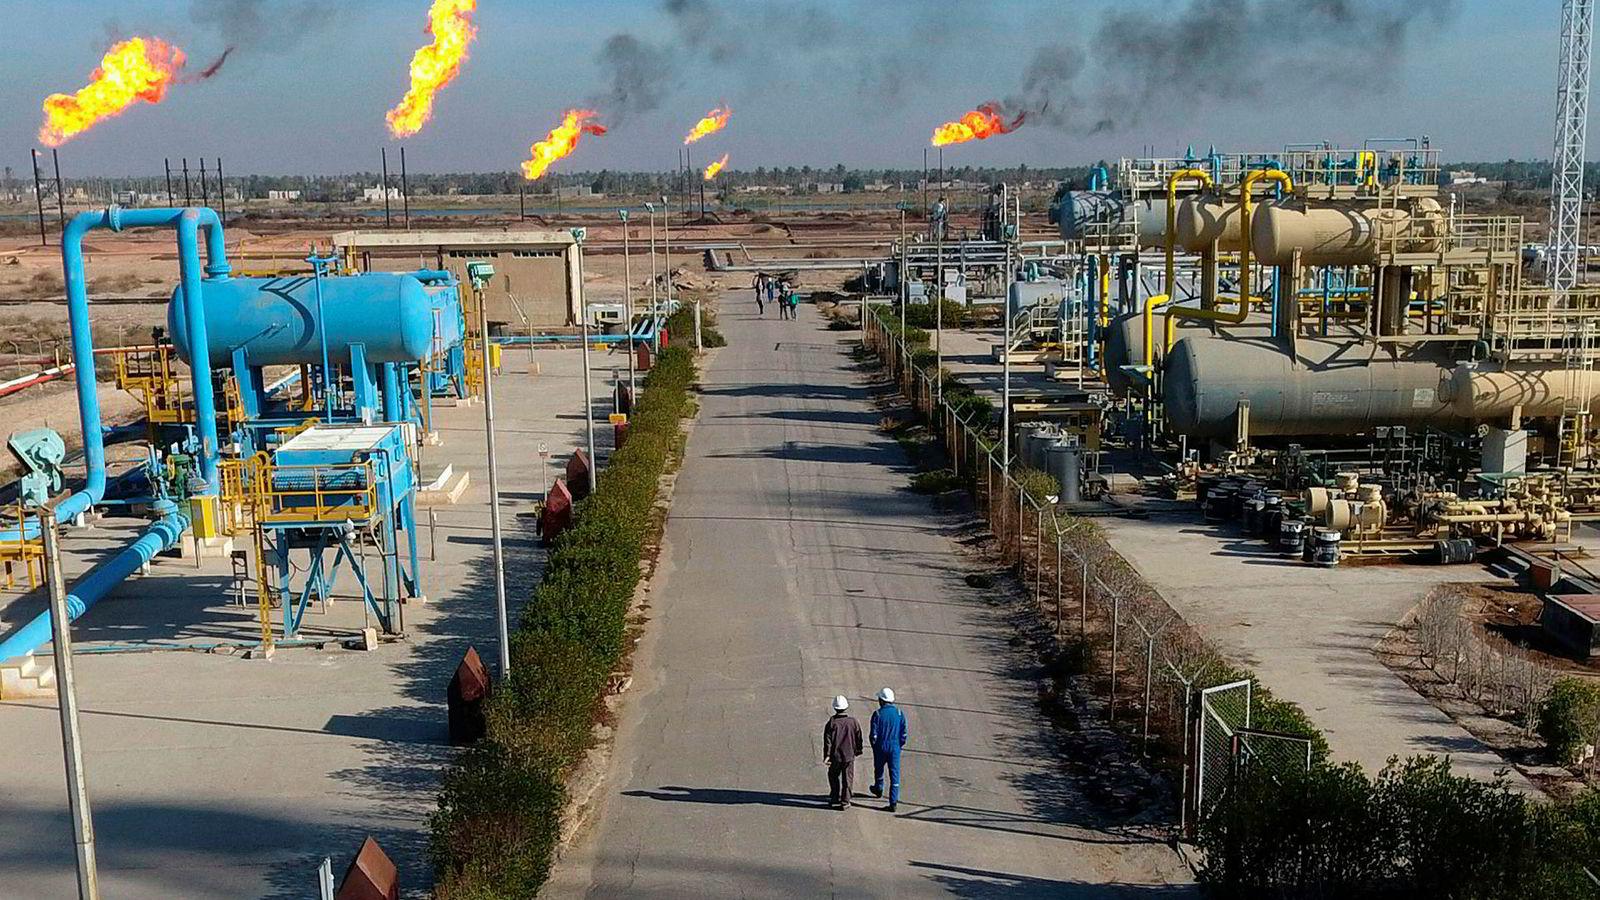 Det internasjonale energibyrået (IEA) nedjusterer prognosene for vekst i global oljeetterspørsel. På bildet ses arbeidere som går langs Nihran Bin Omar-feltet nær Basra i Irak.